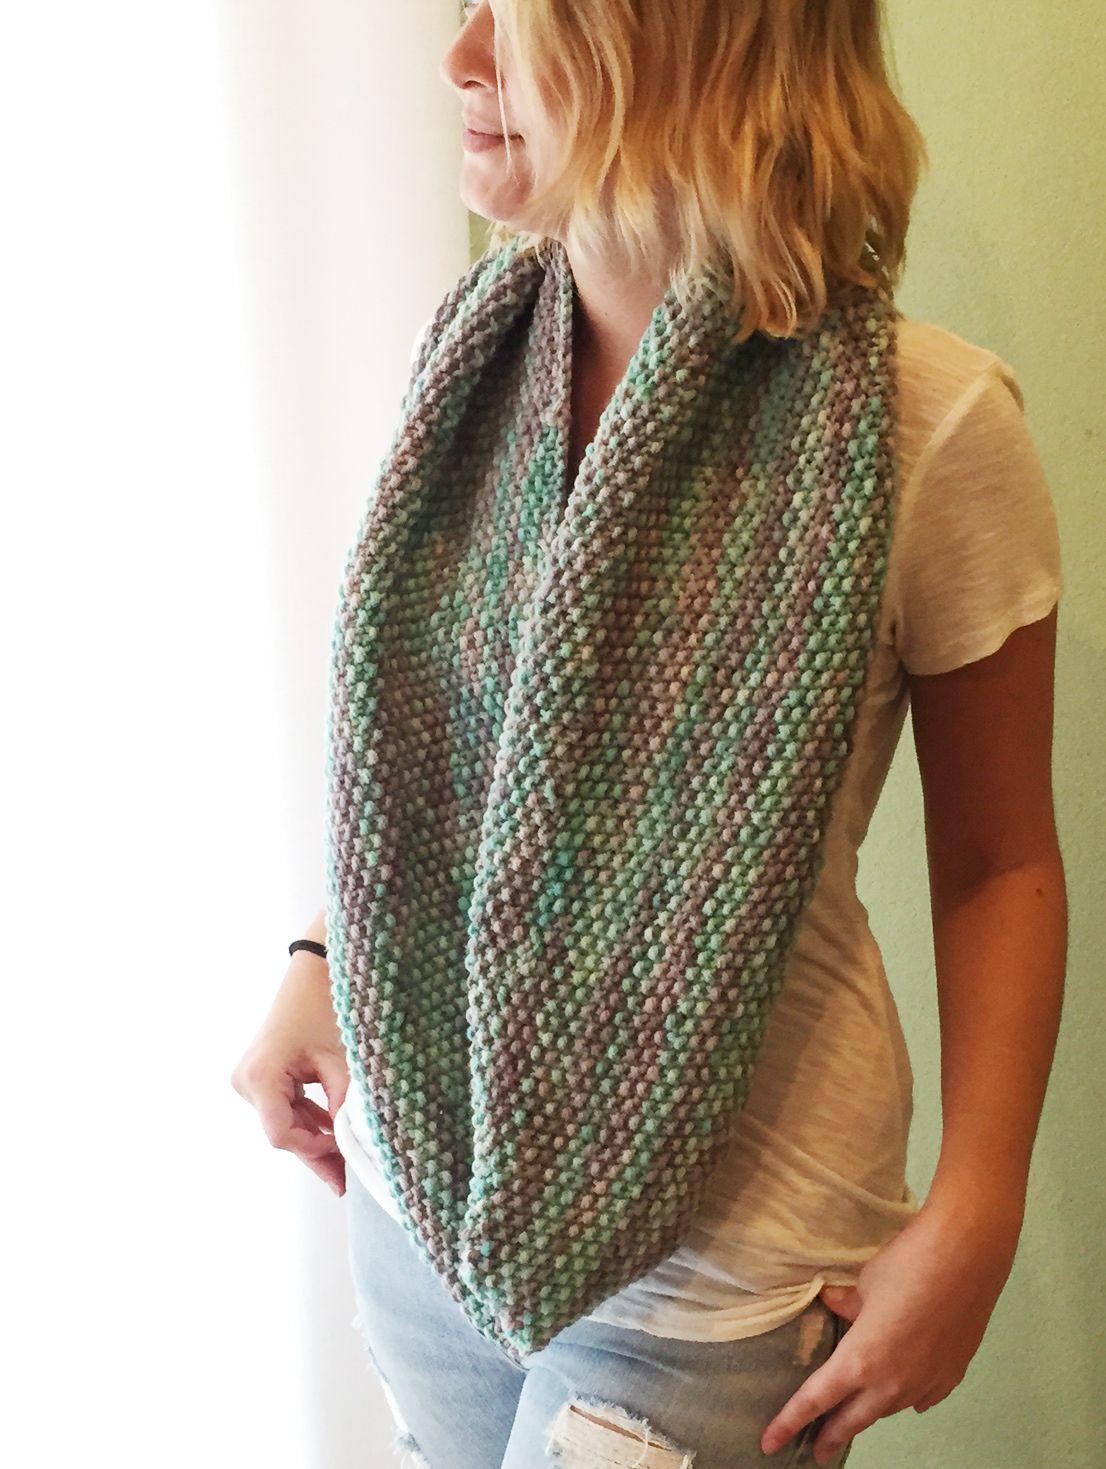 seed stitch infinity scarf - free pattern | Knitting | Pinterest ...